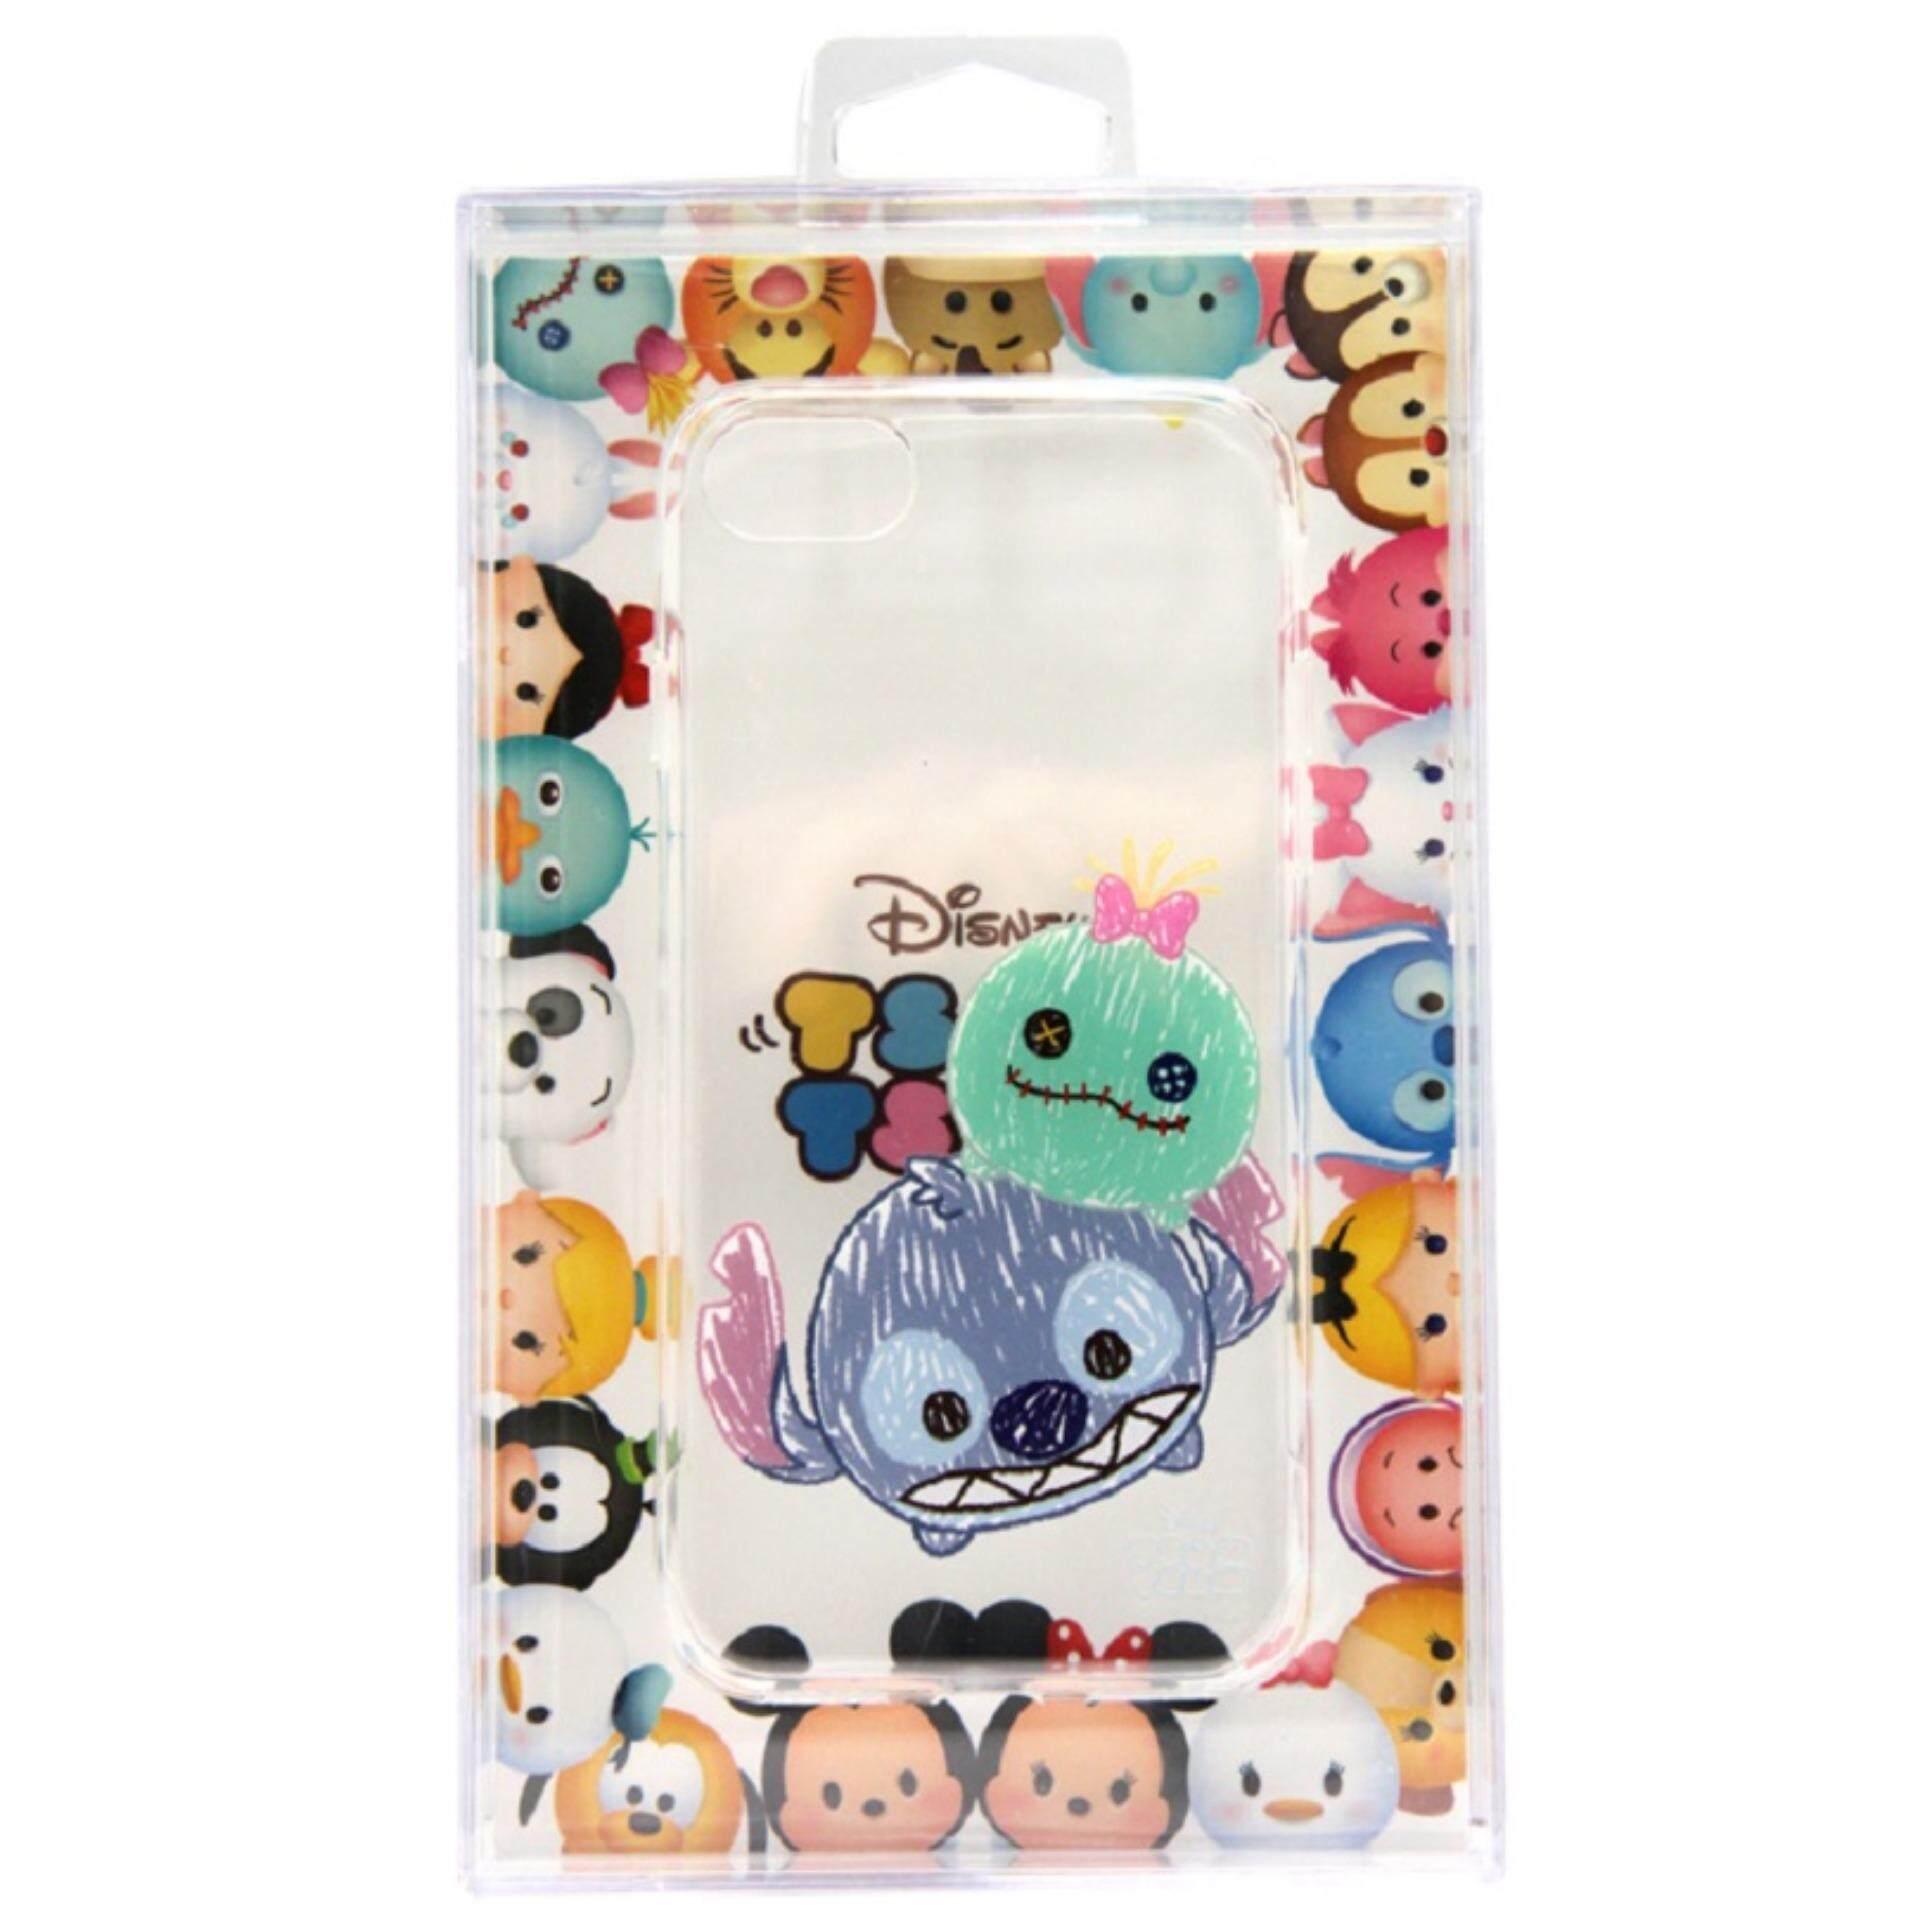 Disney Tsum Tsum Transparent iPhone 7 Case - Stitch